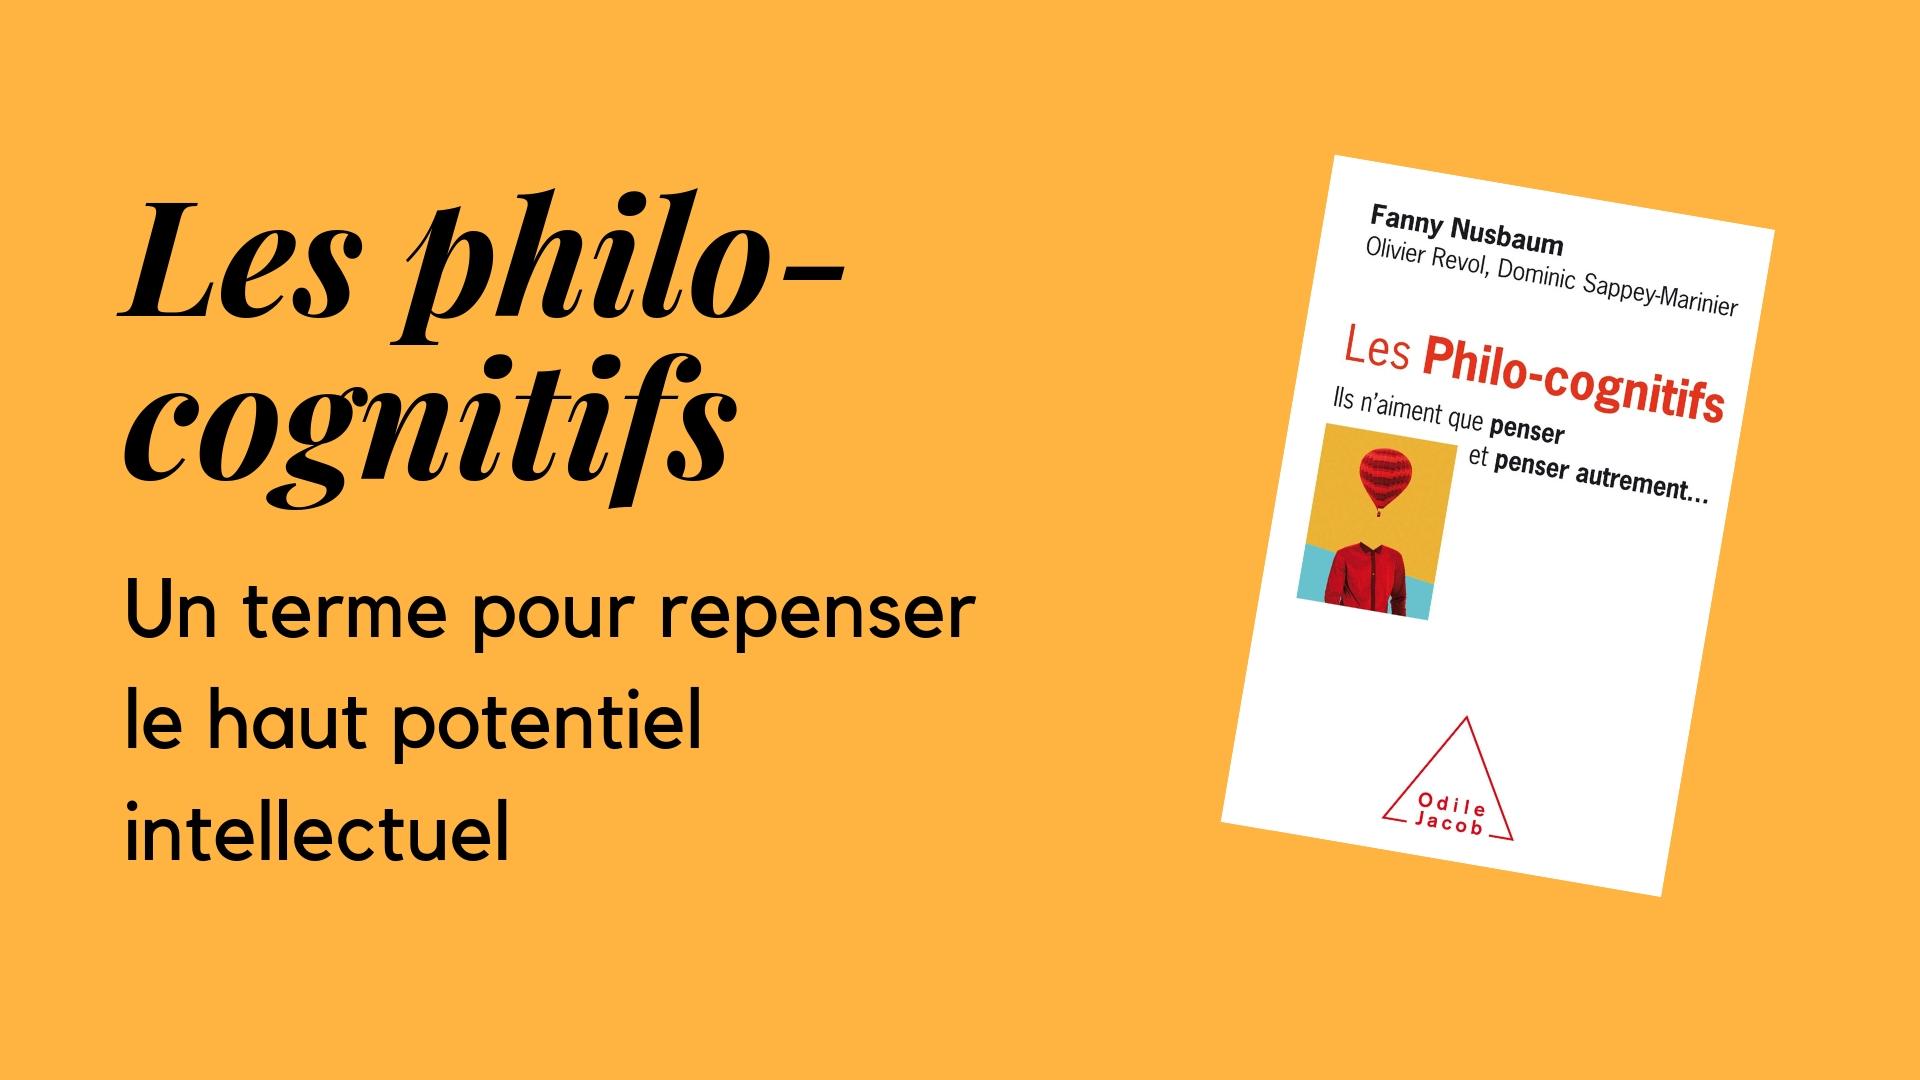 Les philo-cognitifs